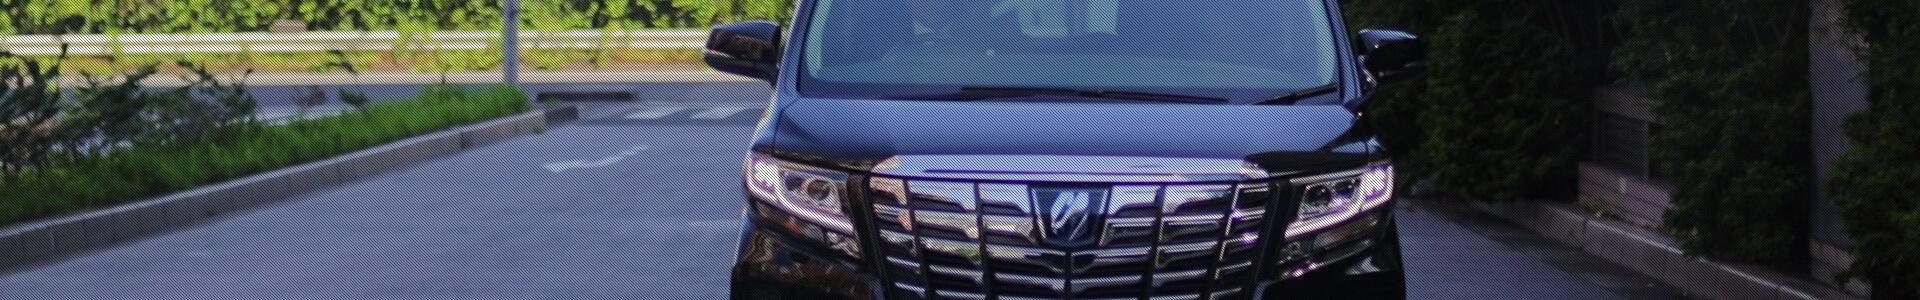 写真:ジャンボタクシー・ワゴンタクシーイメージ